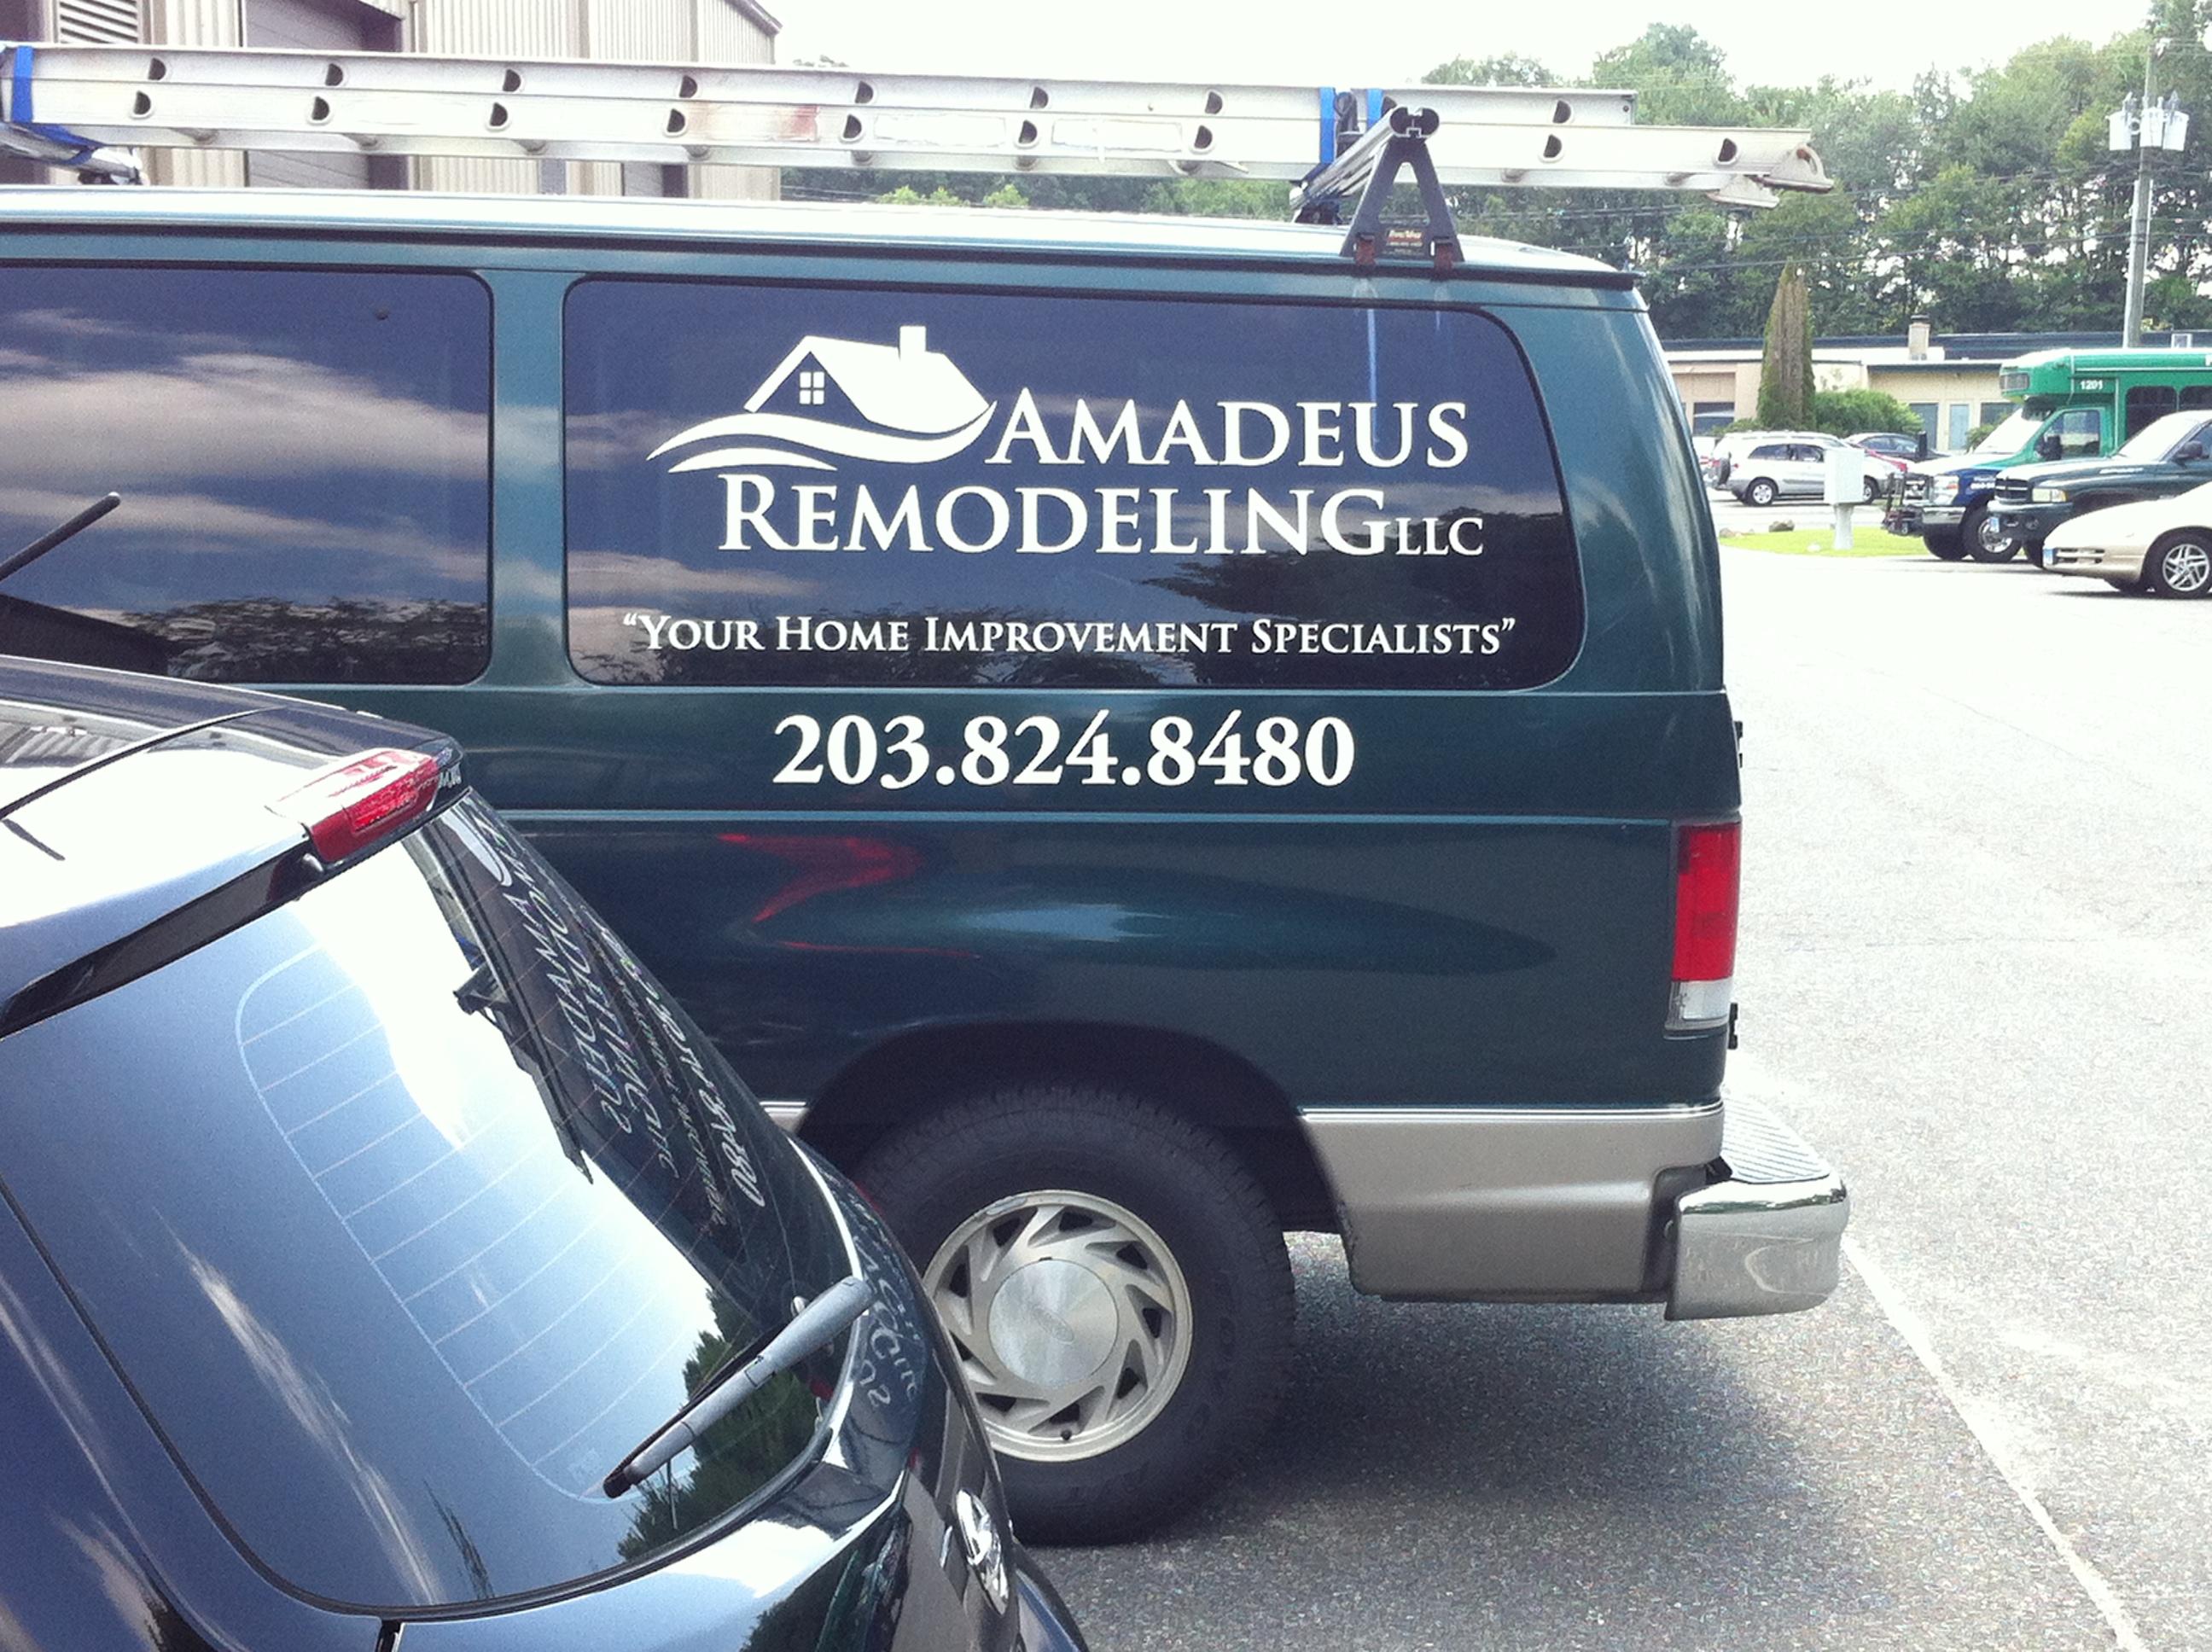 Amedeus Remodeling van lettering (2)